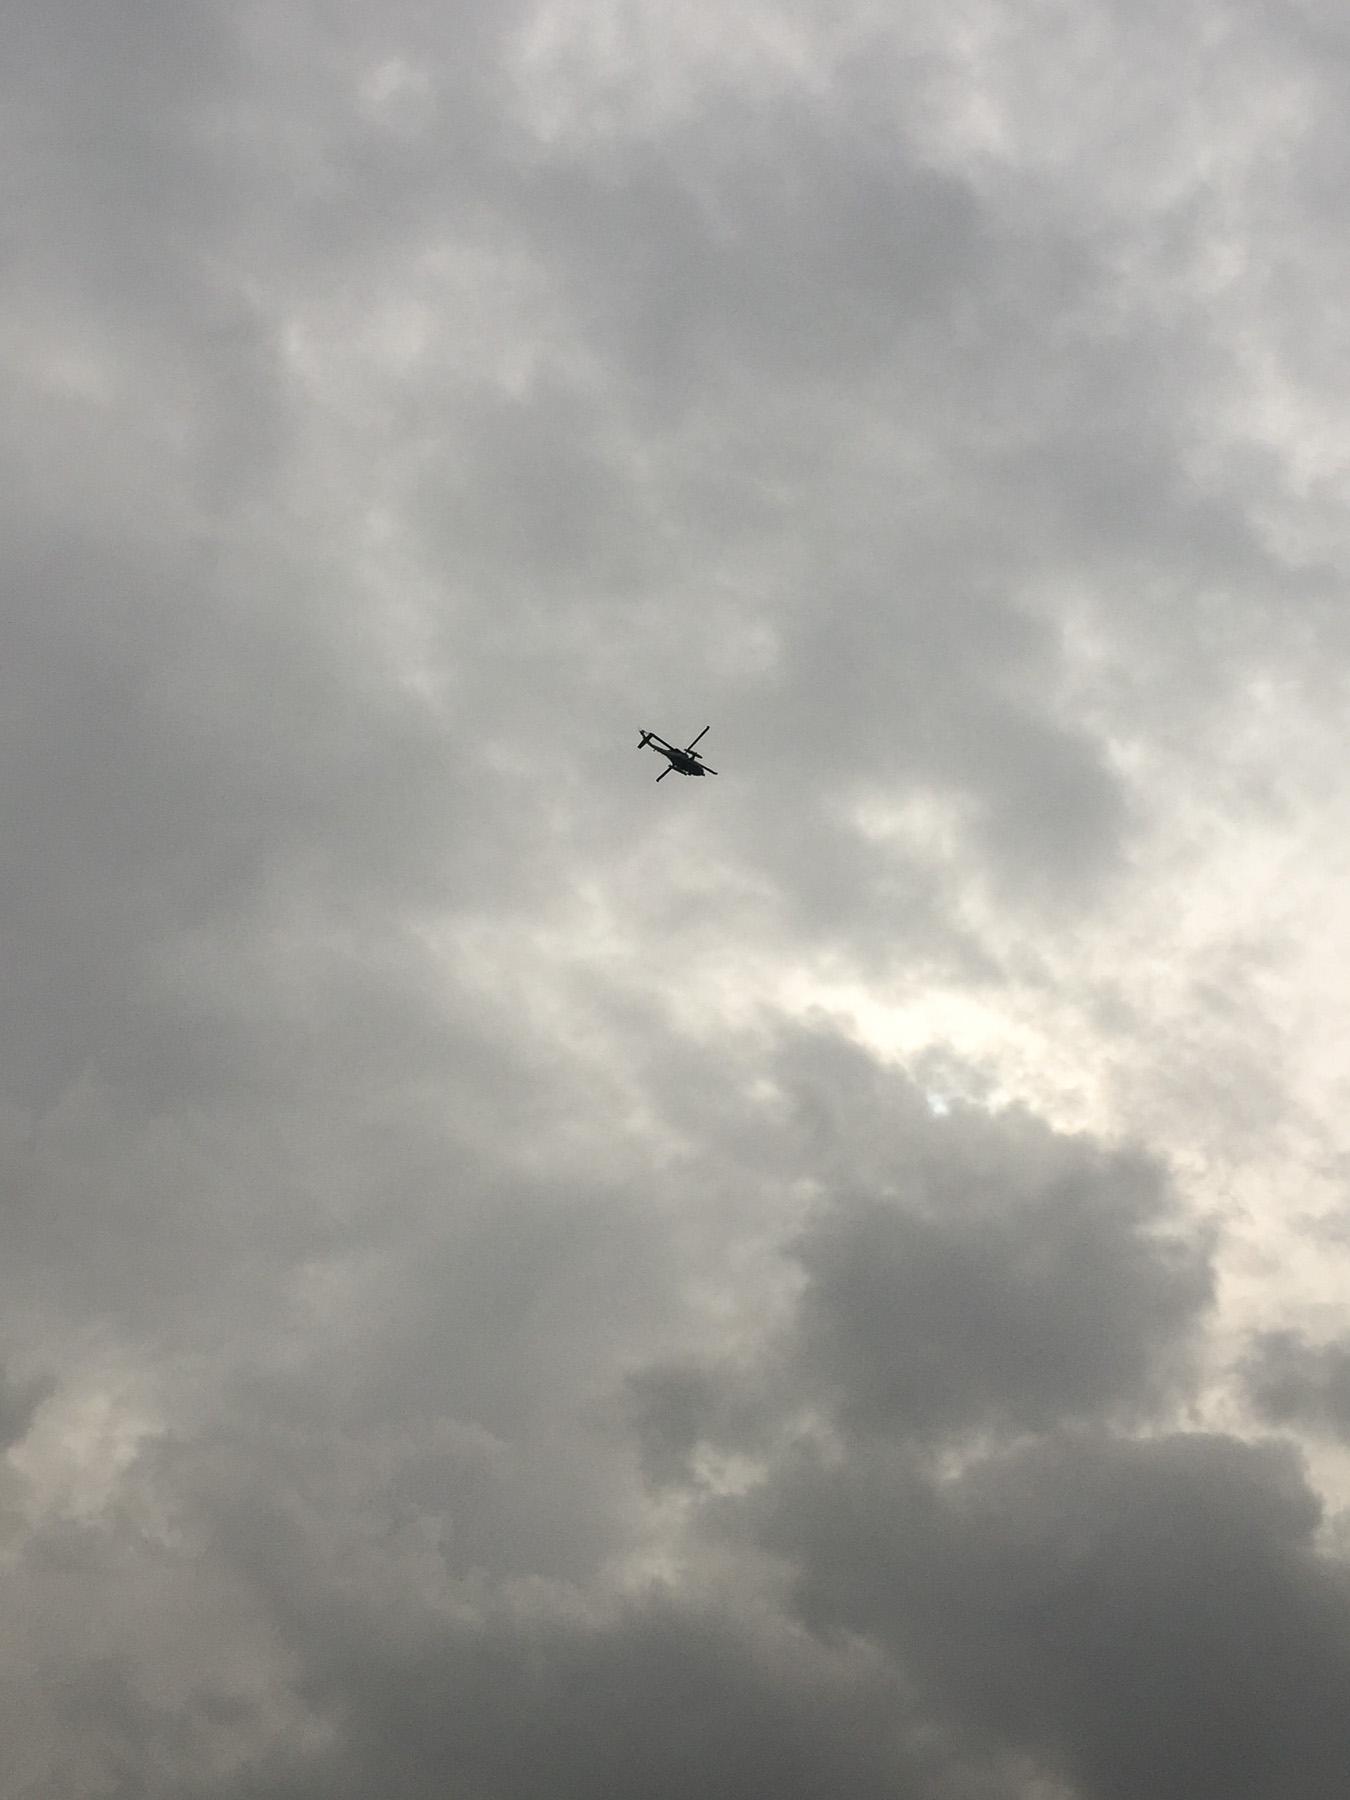 Kein ADAC Hubschrauber…